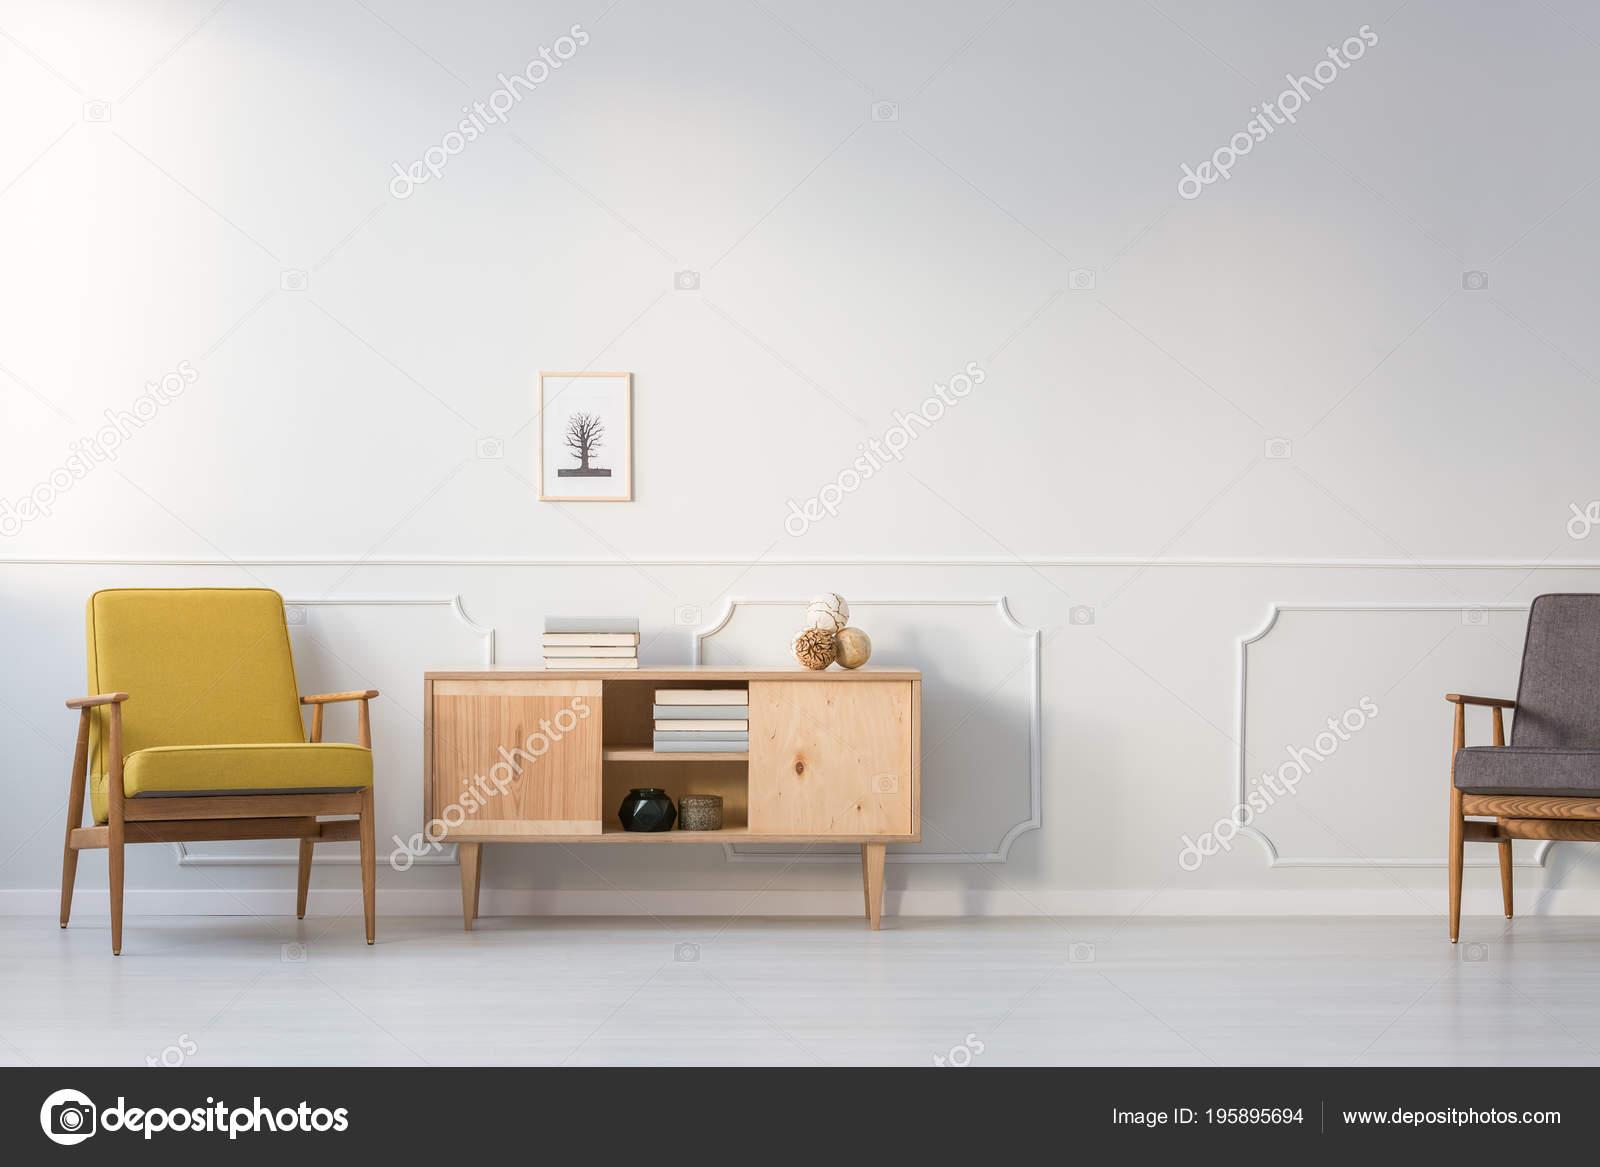 Gele Vintage Fauteuil Naast Houten Kast Tegen Een Witte Muur